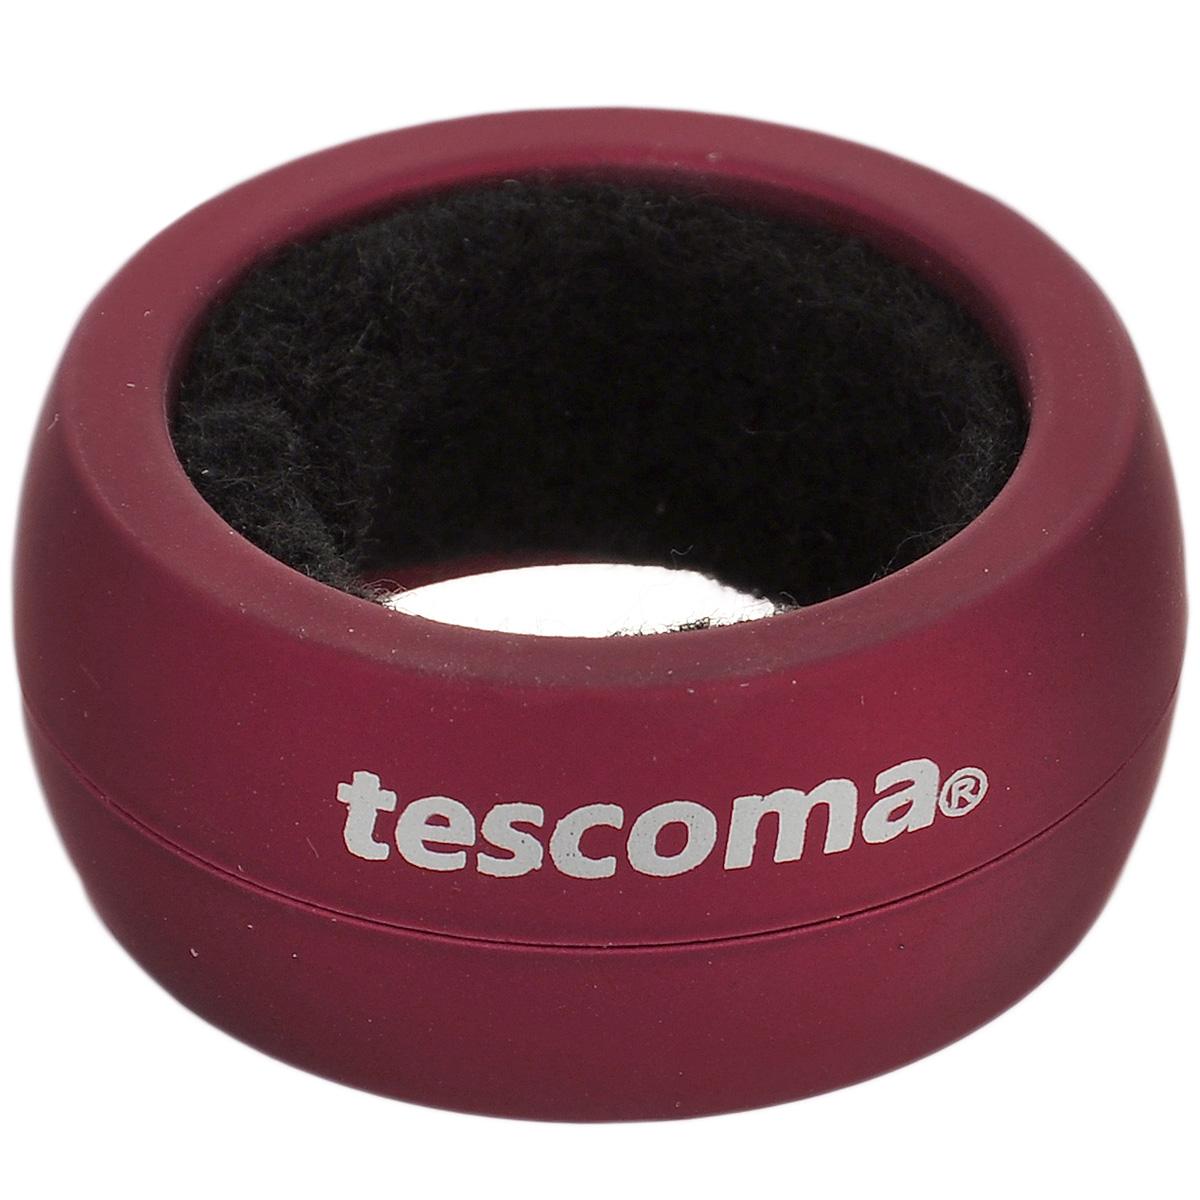 """Кольцо для капель Tescoma """"Uno Vino"""" изготовлено из высокопрочного пластика с прорезиненным покрытием. Такое кольцо препятствует нежелательному капанию вина. Просто наденьте его на горлышко, и ни одна капля не стечет на вашу скатерть."""